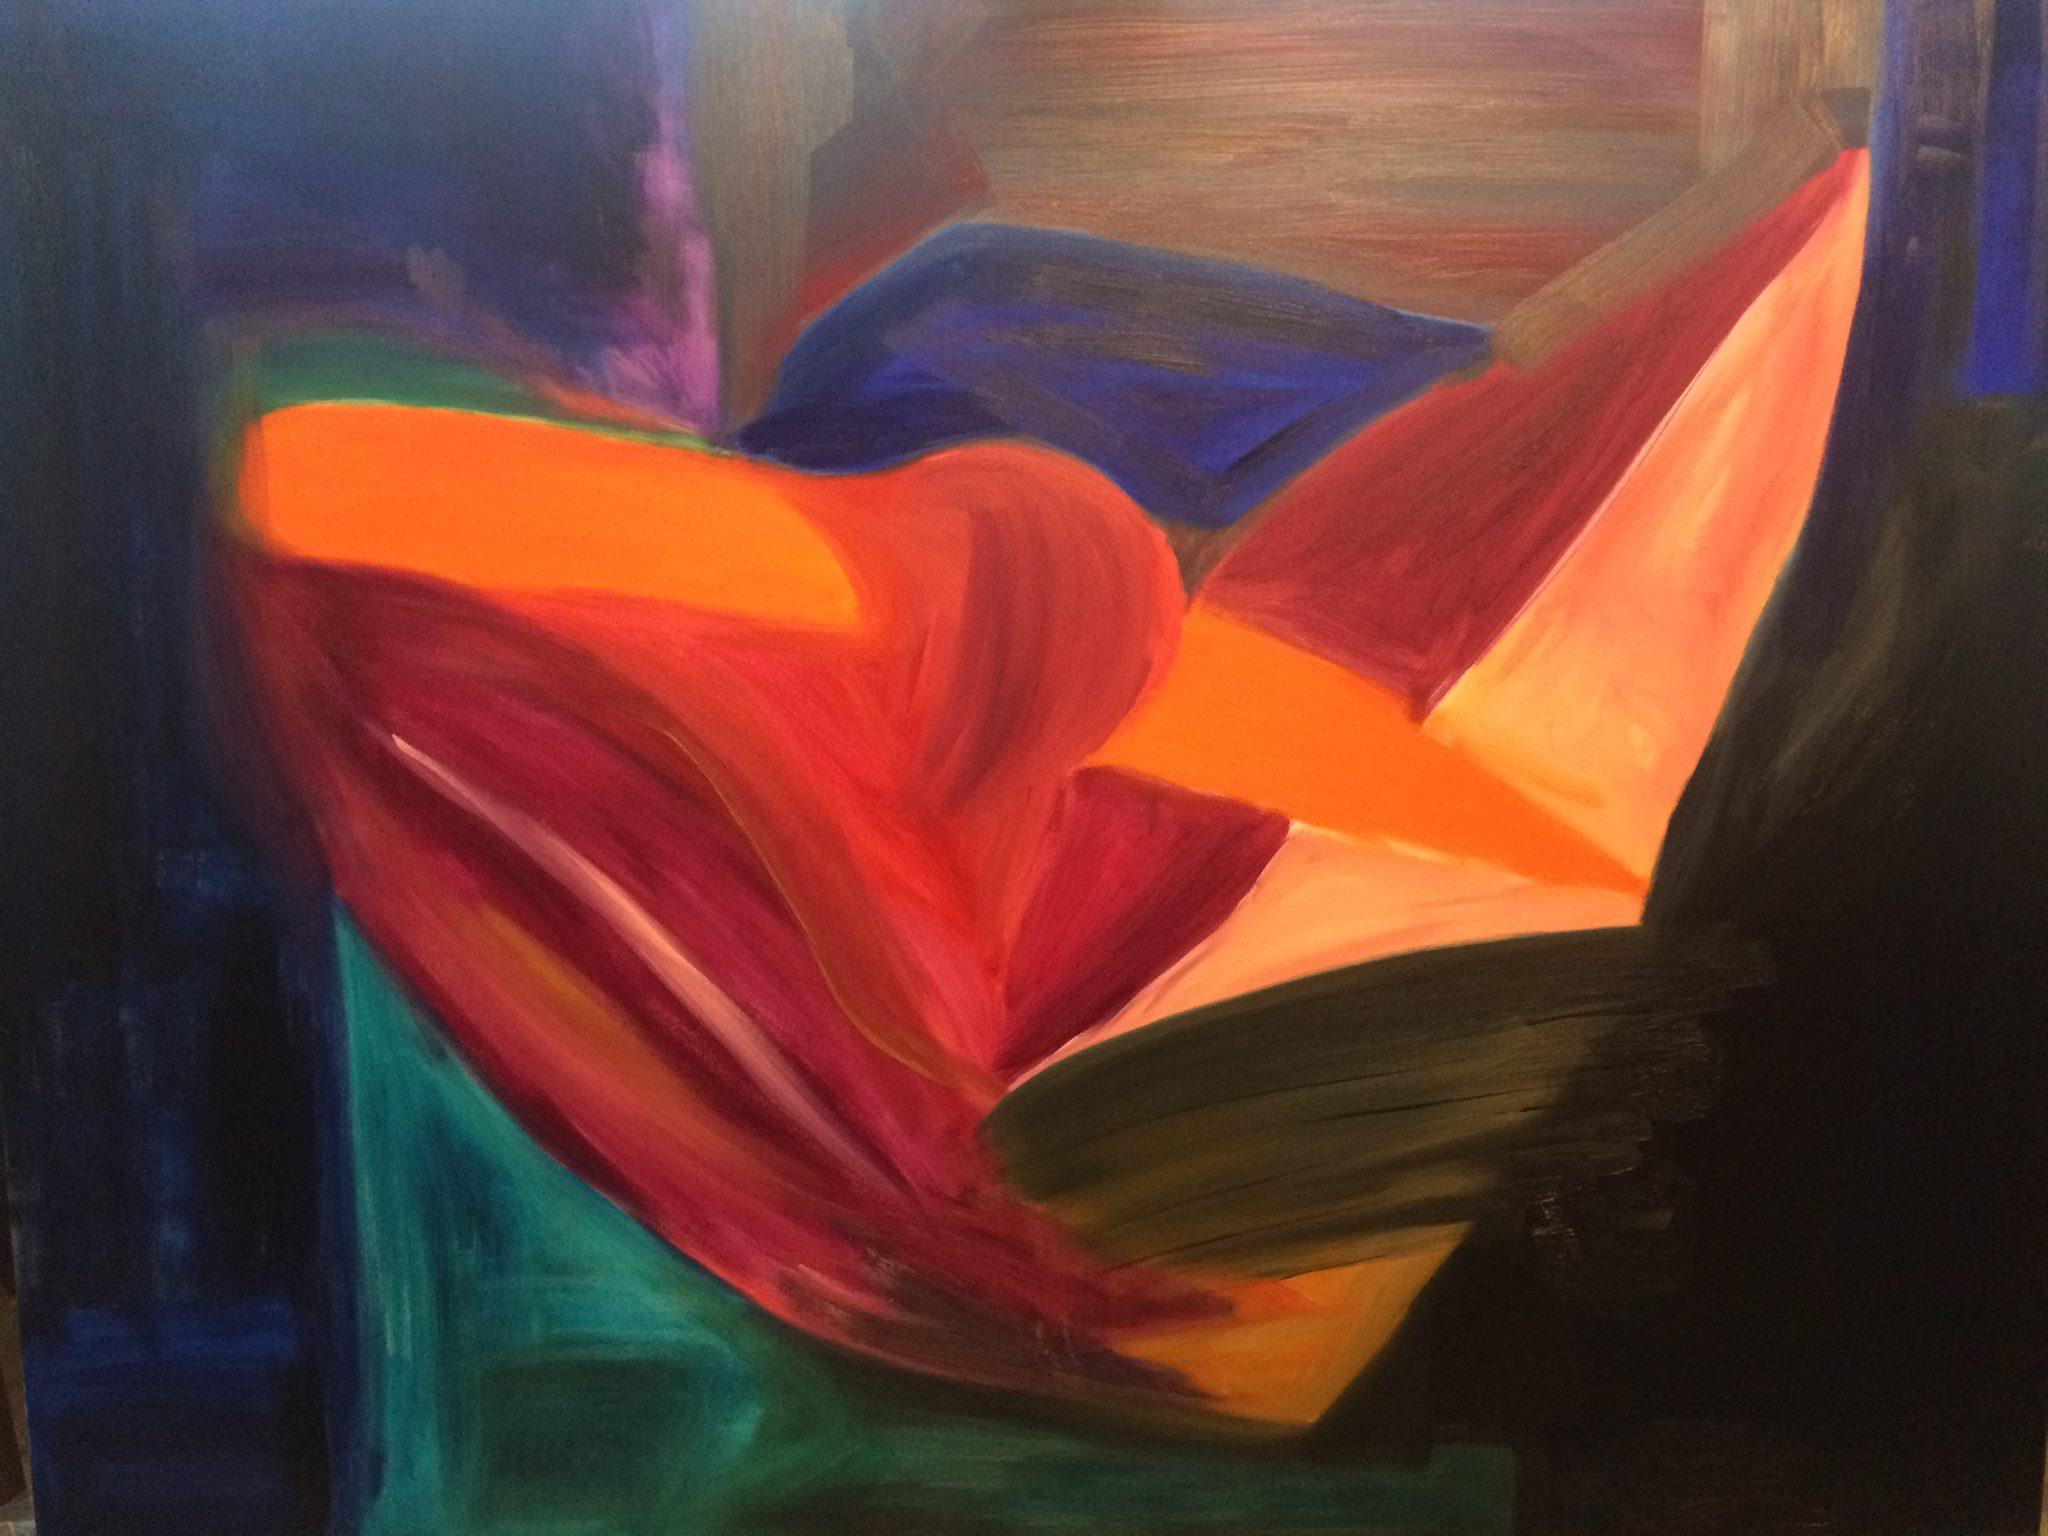 'FEMINA' 160x120 oil on canvas   (in progress)